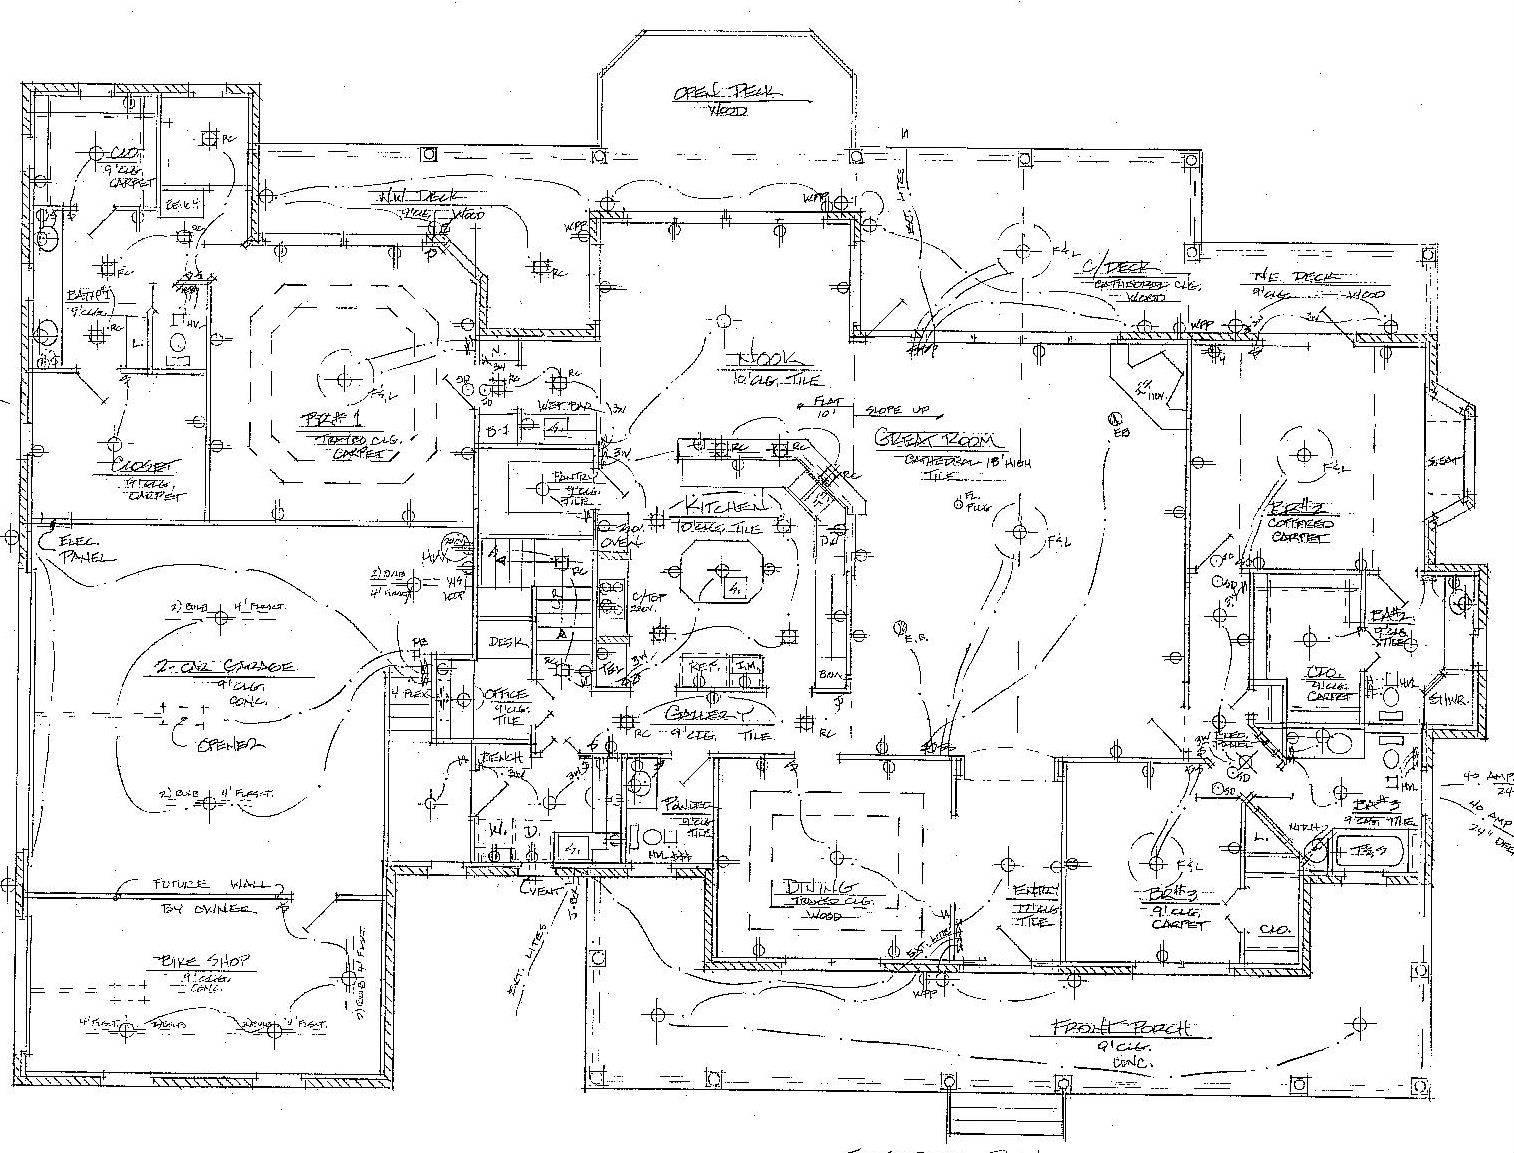 [SCHEMATICS_48IU]  House Wiring Plans Floor Plan Electrical Diagram - House Plans   #42879   House Floor Plan Electrical Wiring Diagram      House Plans